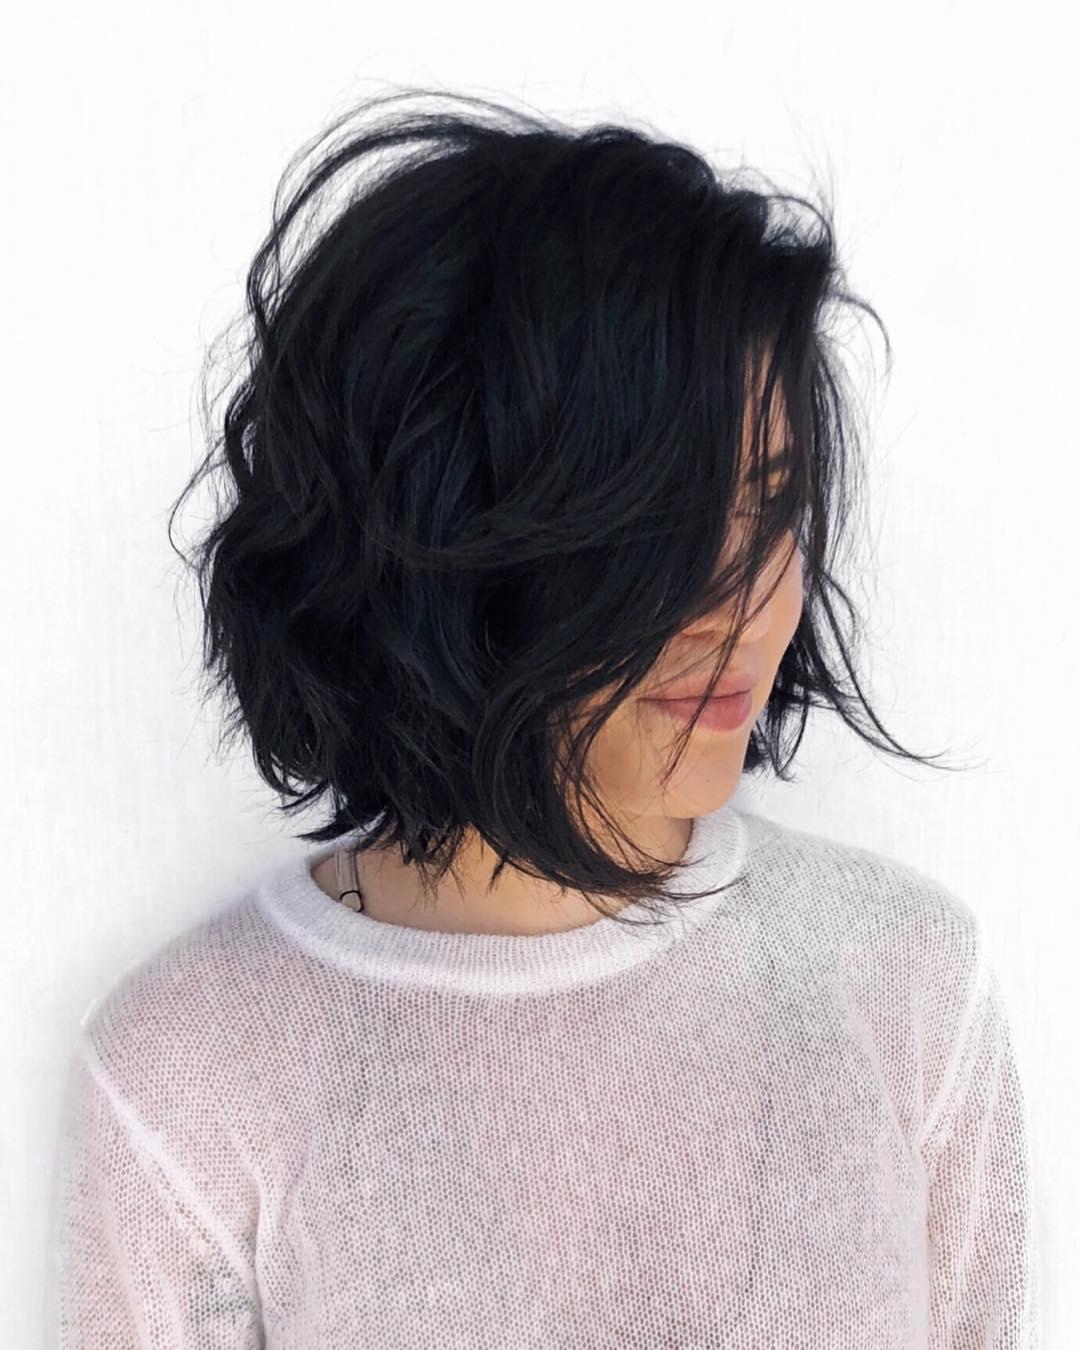 Стильные варианты стрижек на короткие волосы фото 2